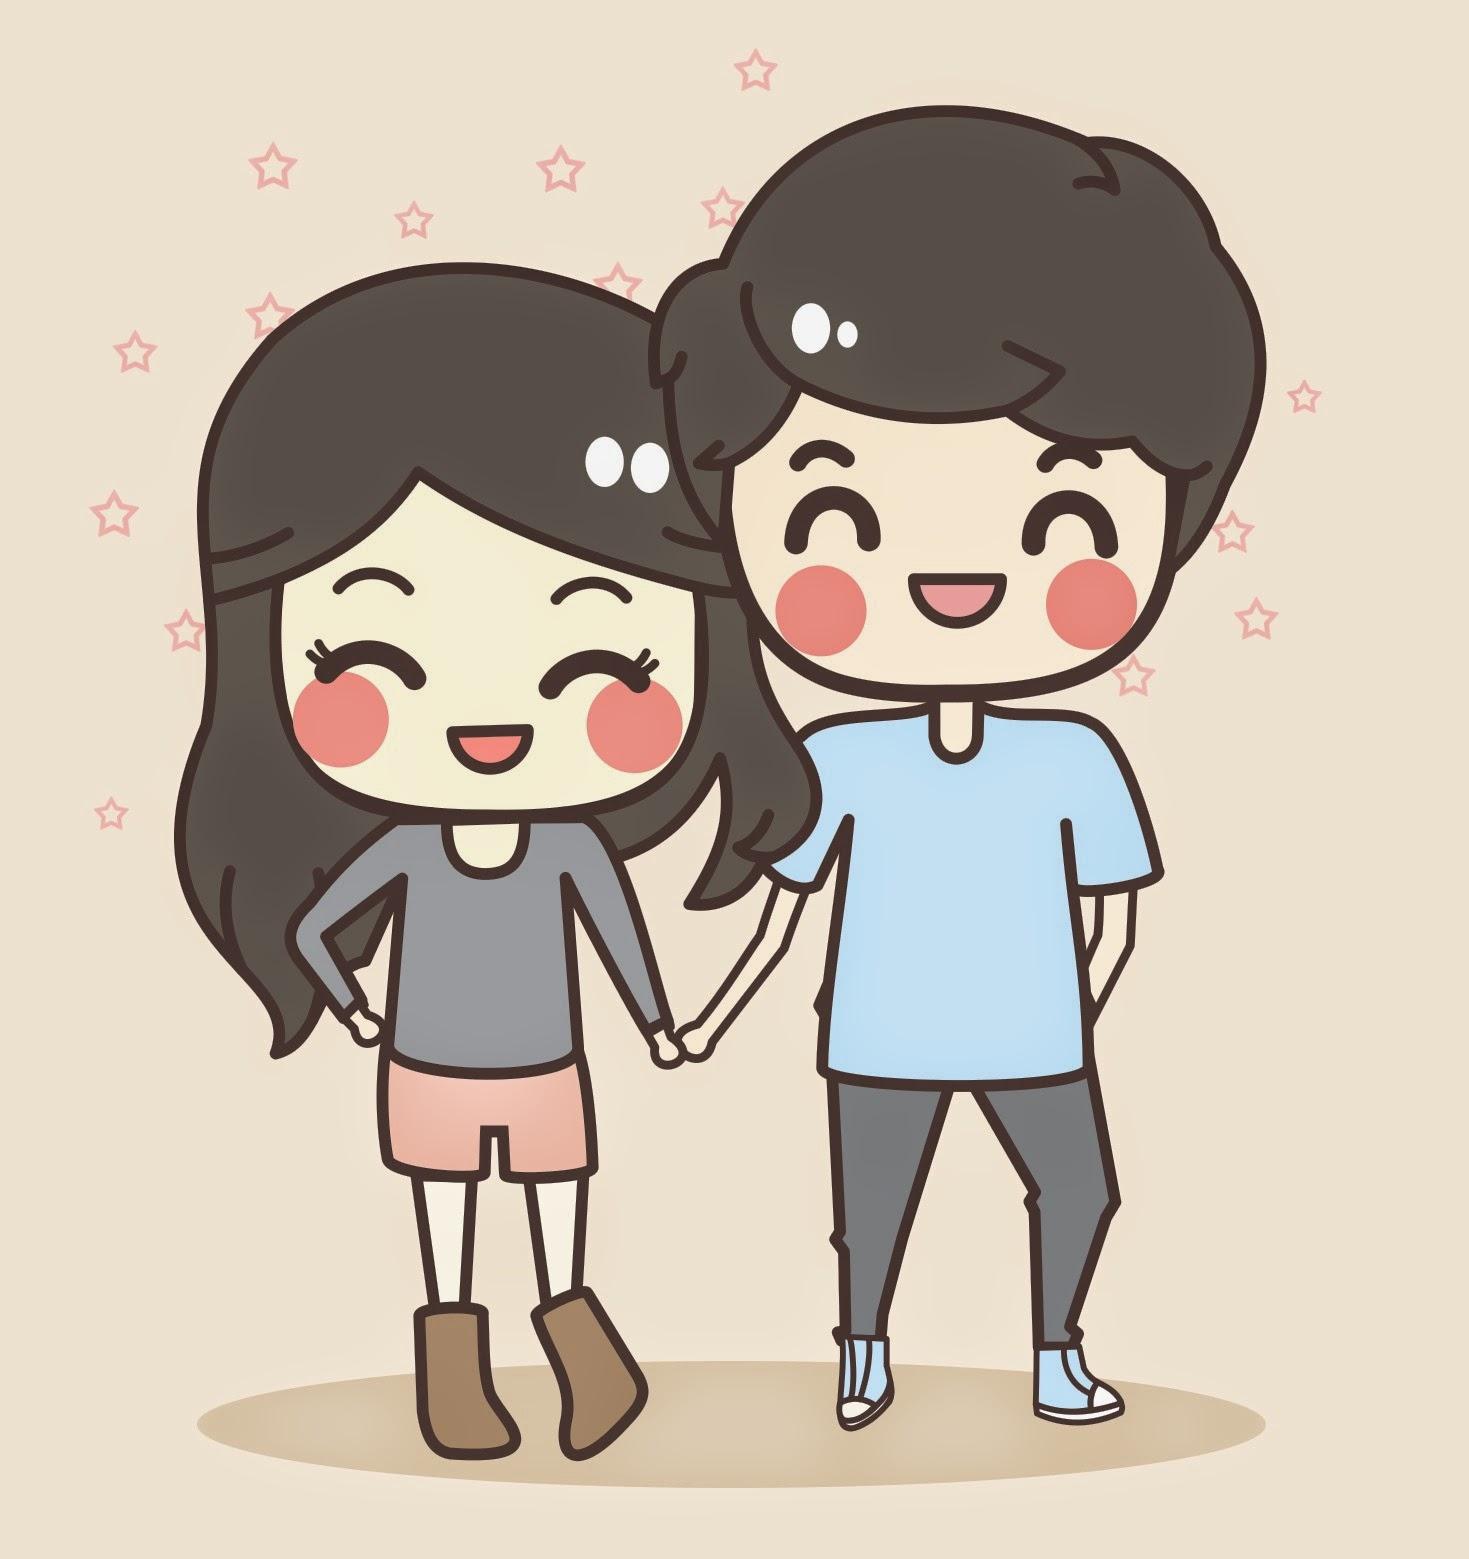 Những hình vẽ dễ thương về tình yêu